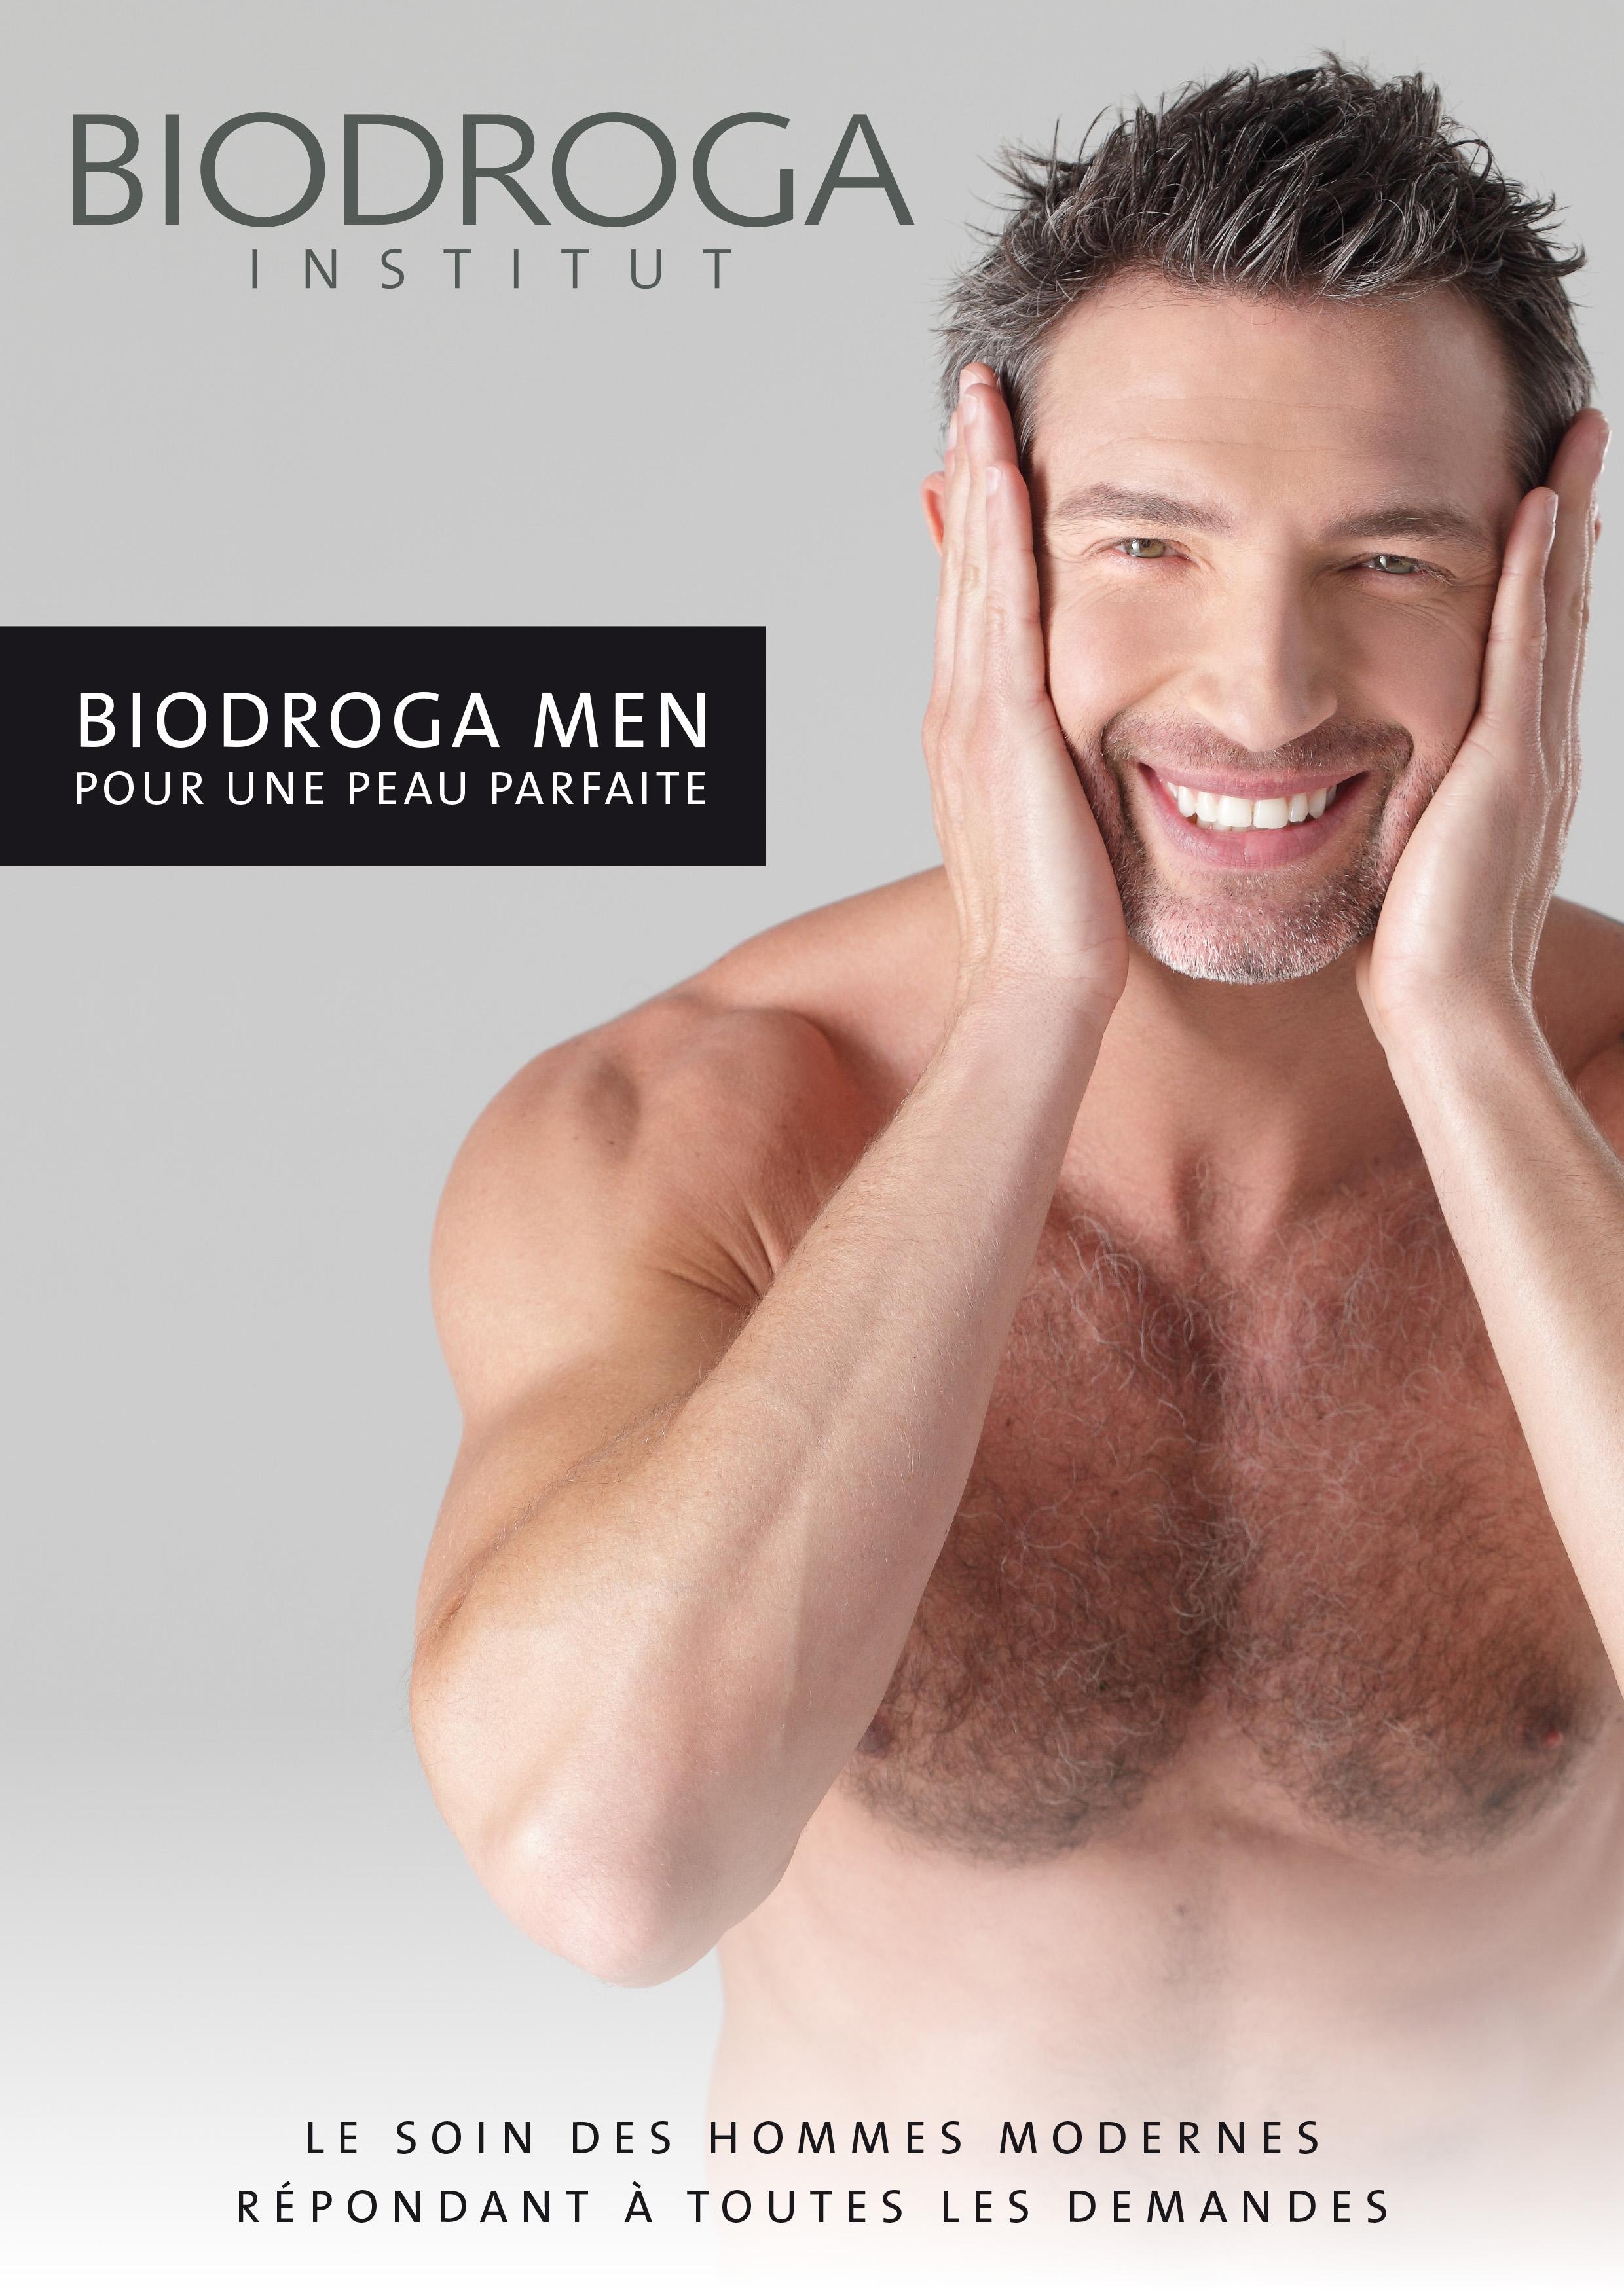 Affiche Biodroga Men a4 2013.indd